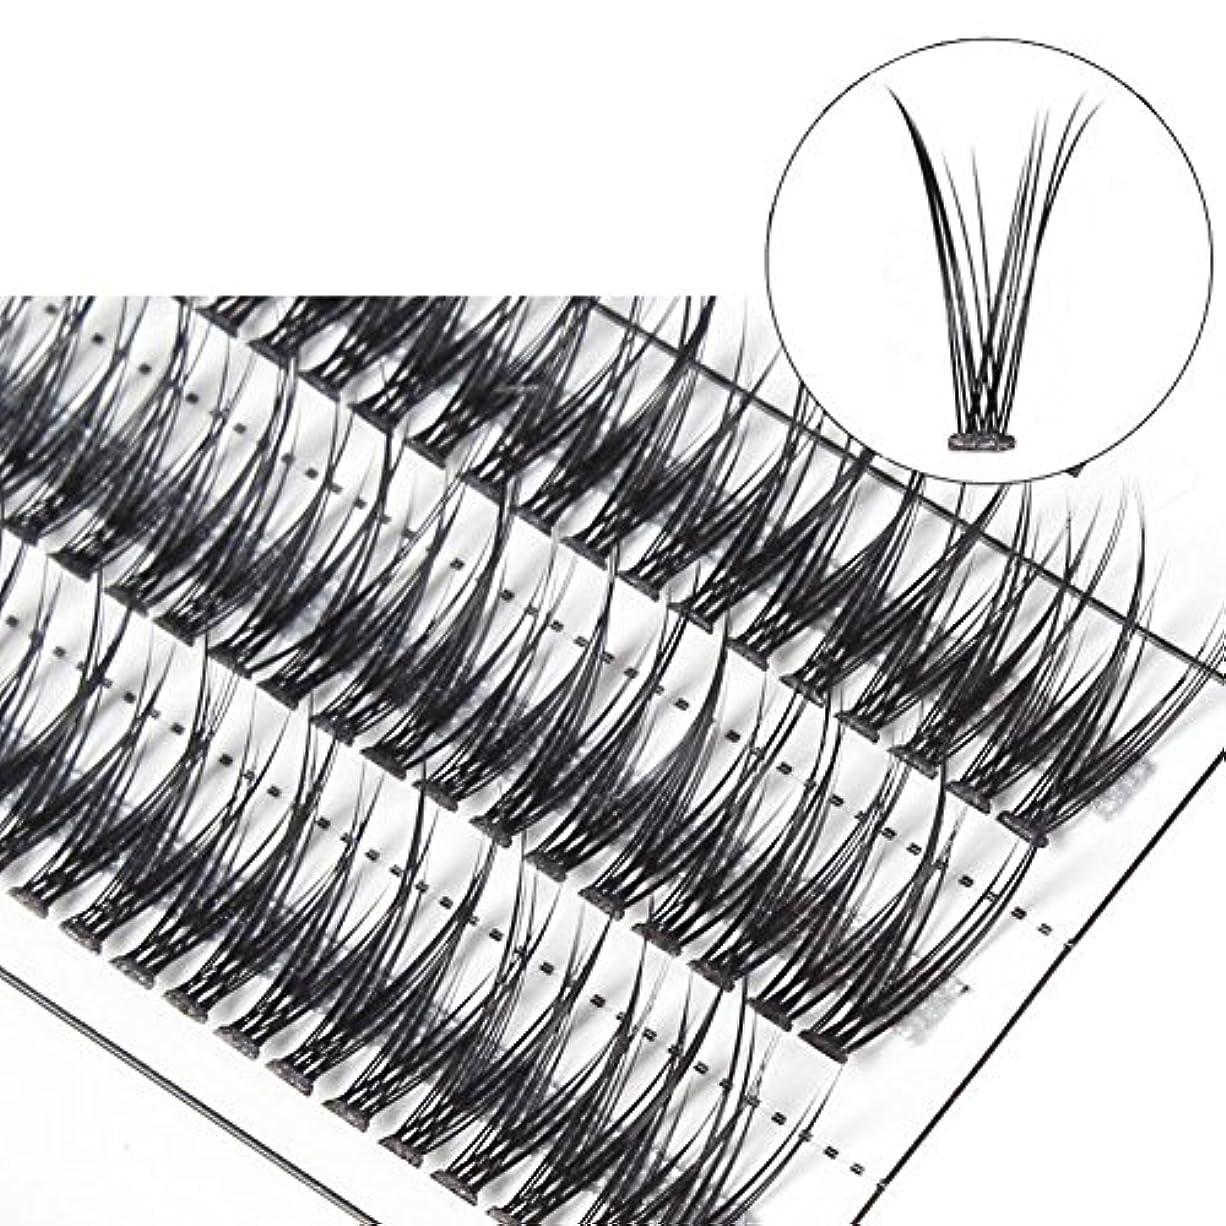 ジョブデッド有力者goupgolboll-女性交差グラフト個々の天然つけまつげまつげエクステ - 10 mm